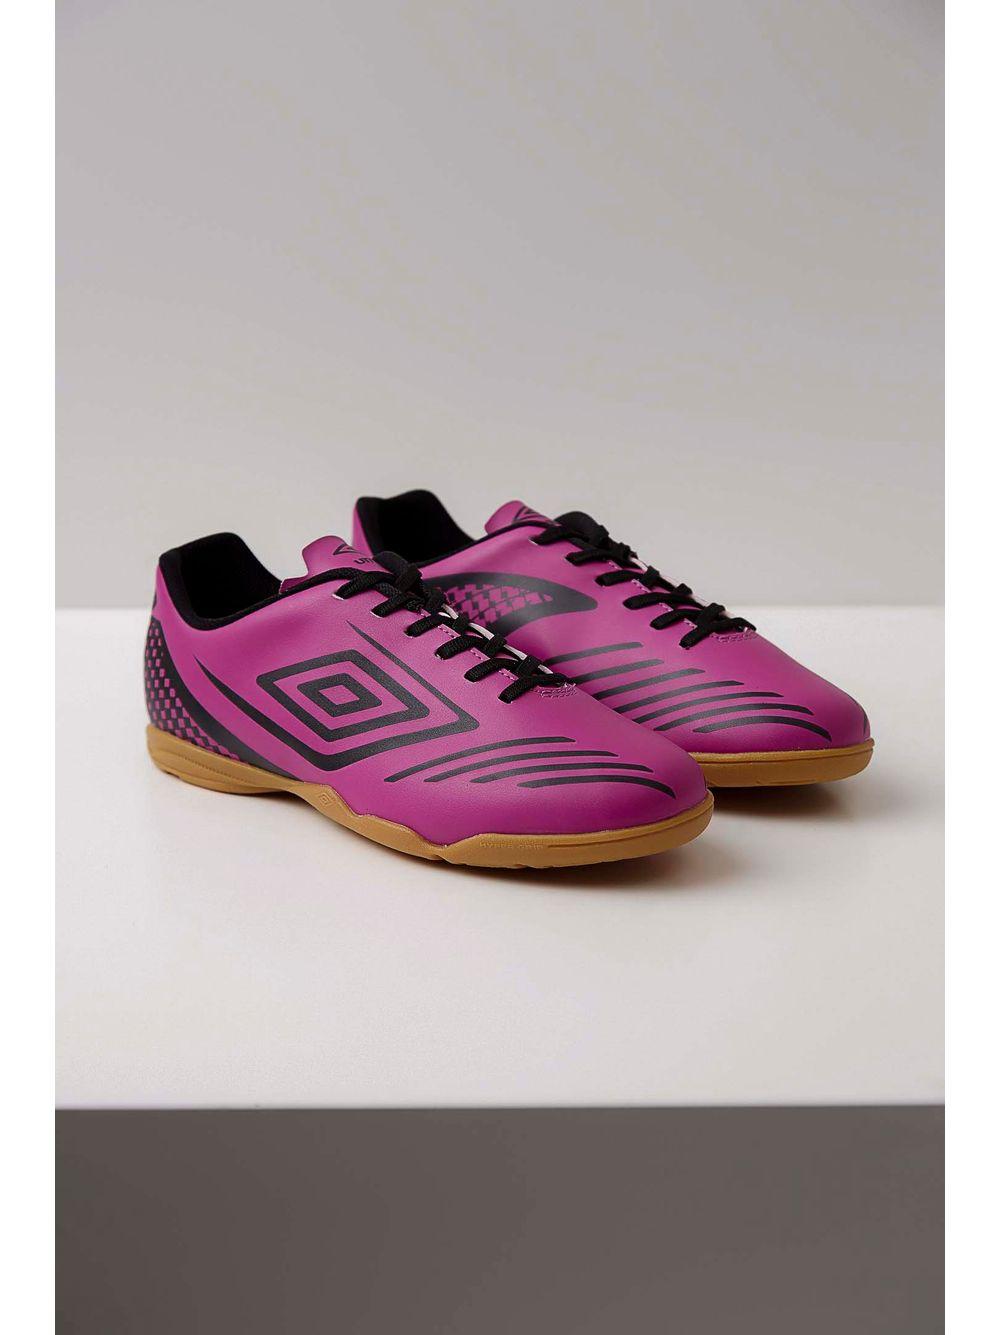 0d7fd3500f497 Chuteira Futsal Footwear Umbro Guardian 0f72095 Pink - pittol